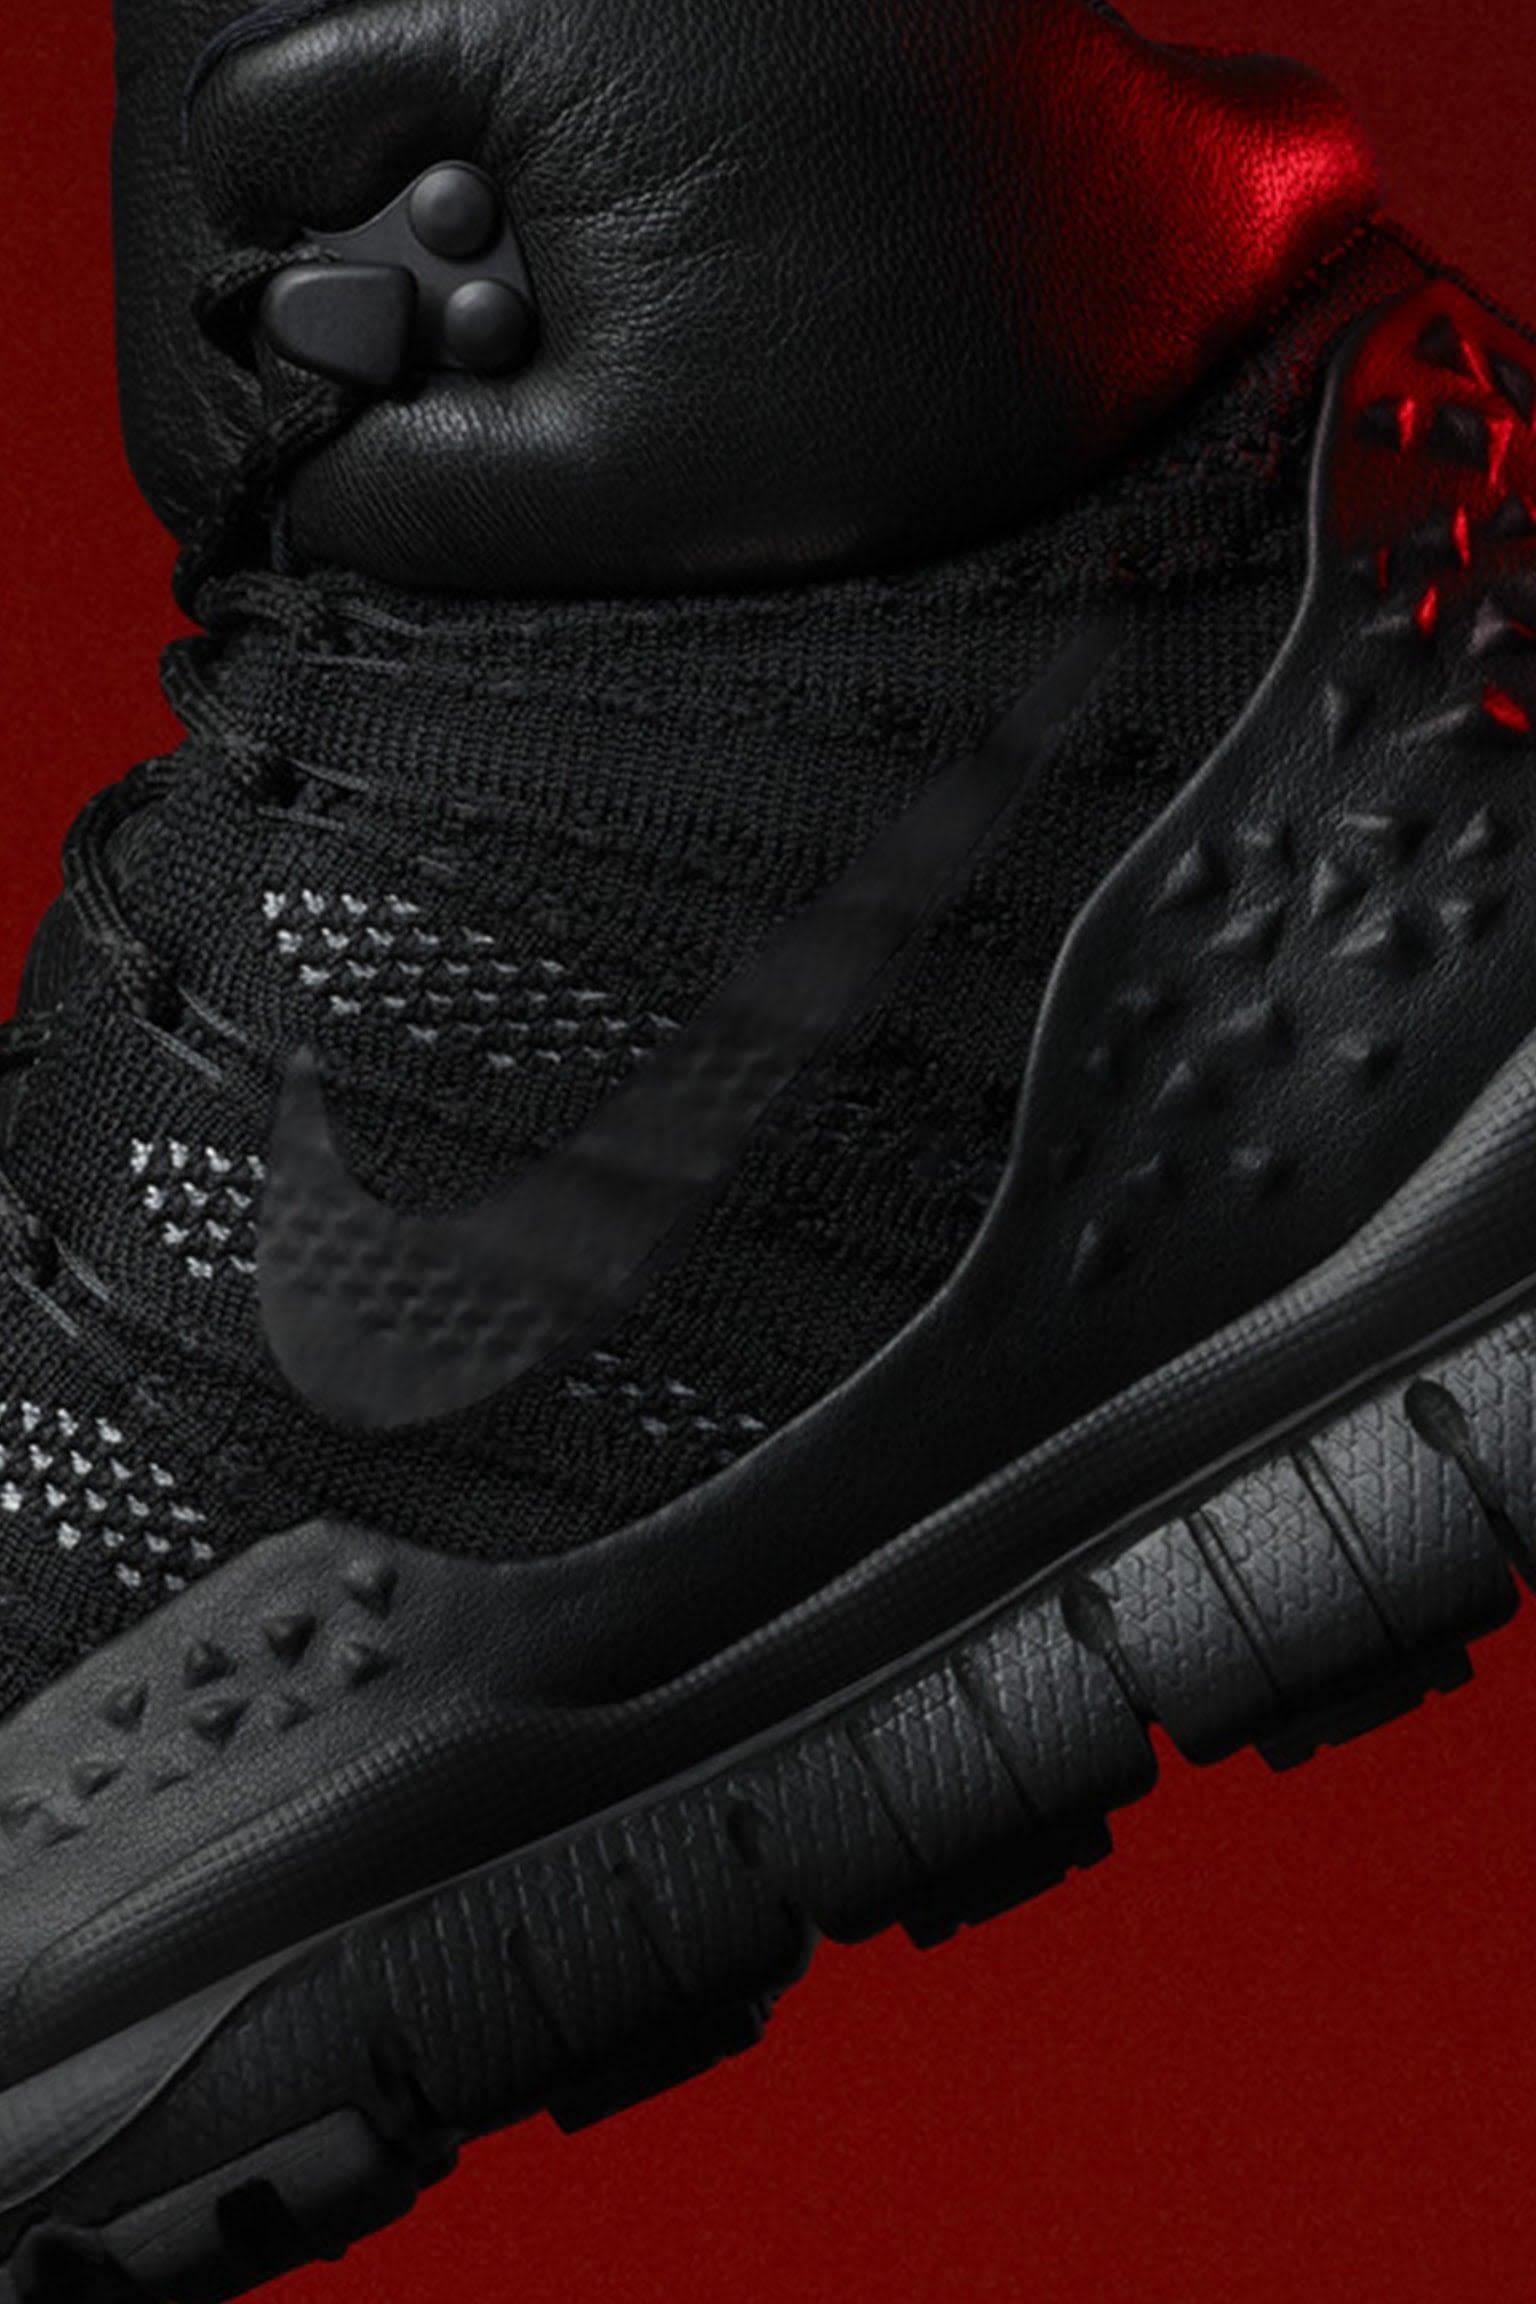 Women's Nike Lupinek Flyknit Sneakerboot 'Black & Anthracite'. Release Date